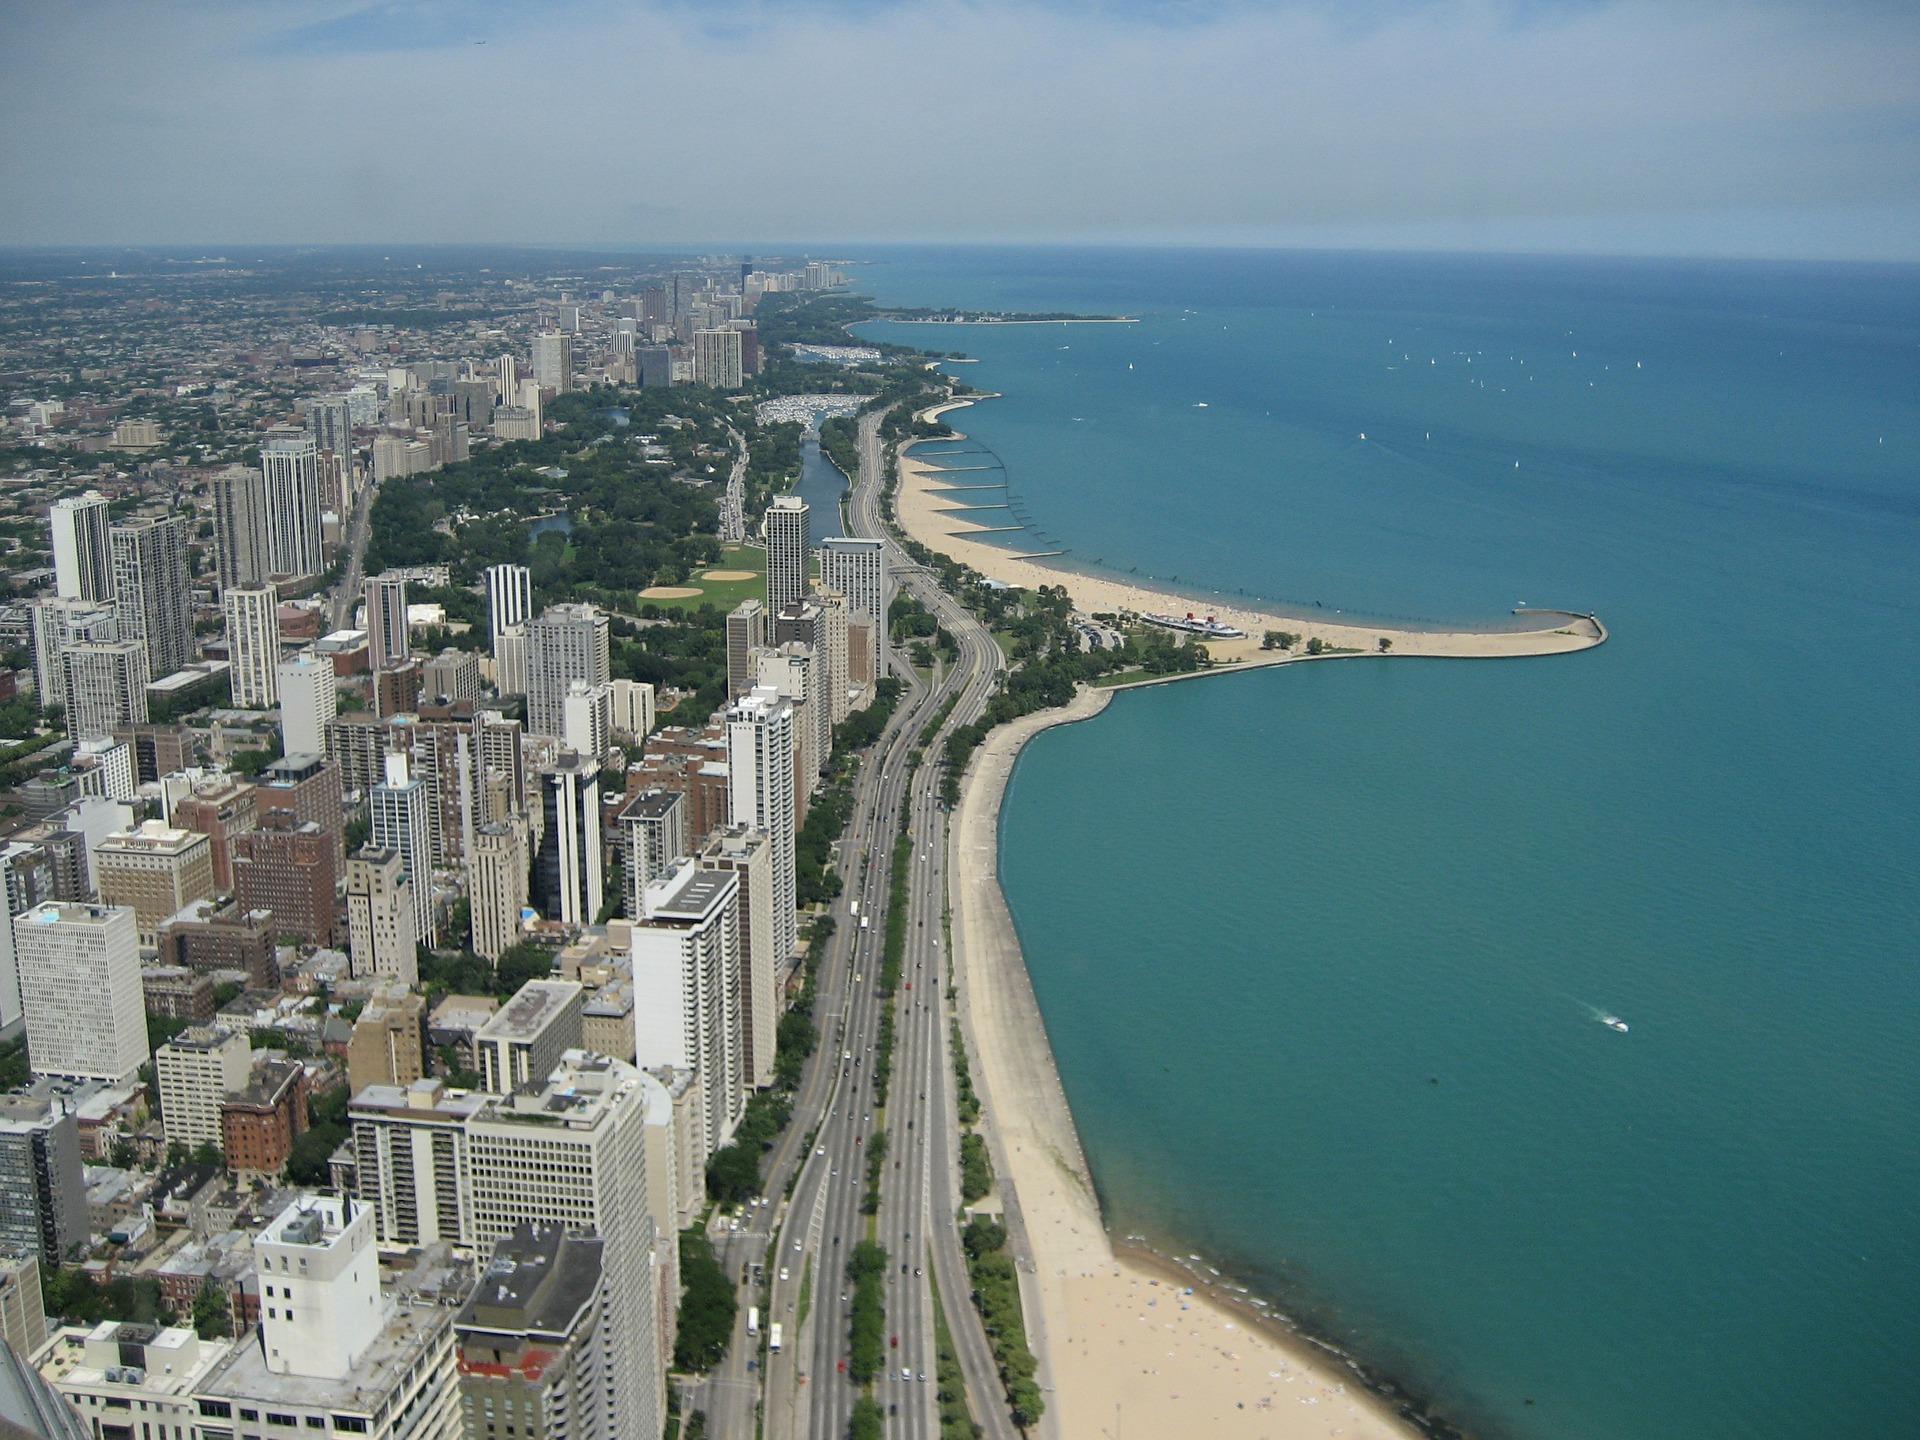 Kurzurlaub in Chicago günstig buchen ab 586,47€ - Illinois USA 5 Nächte Hotel